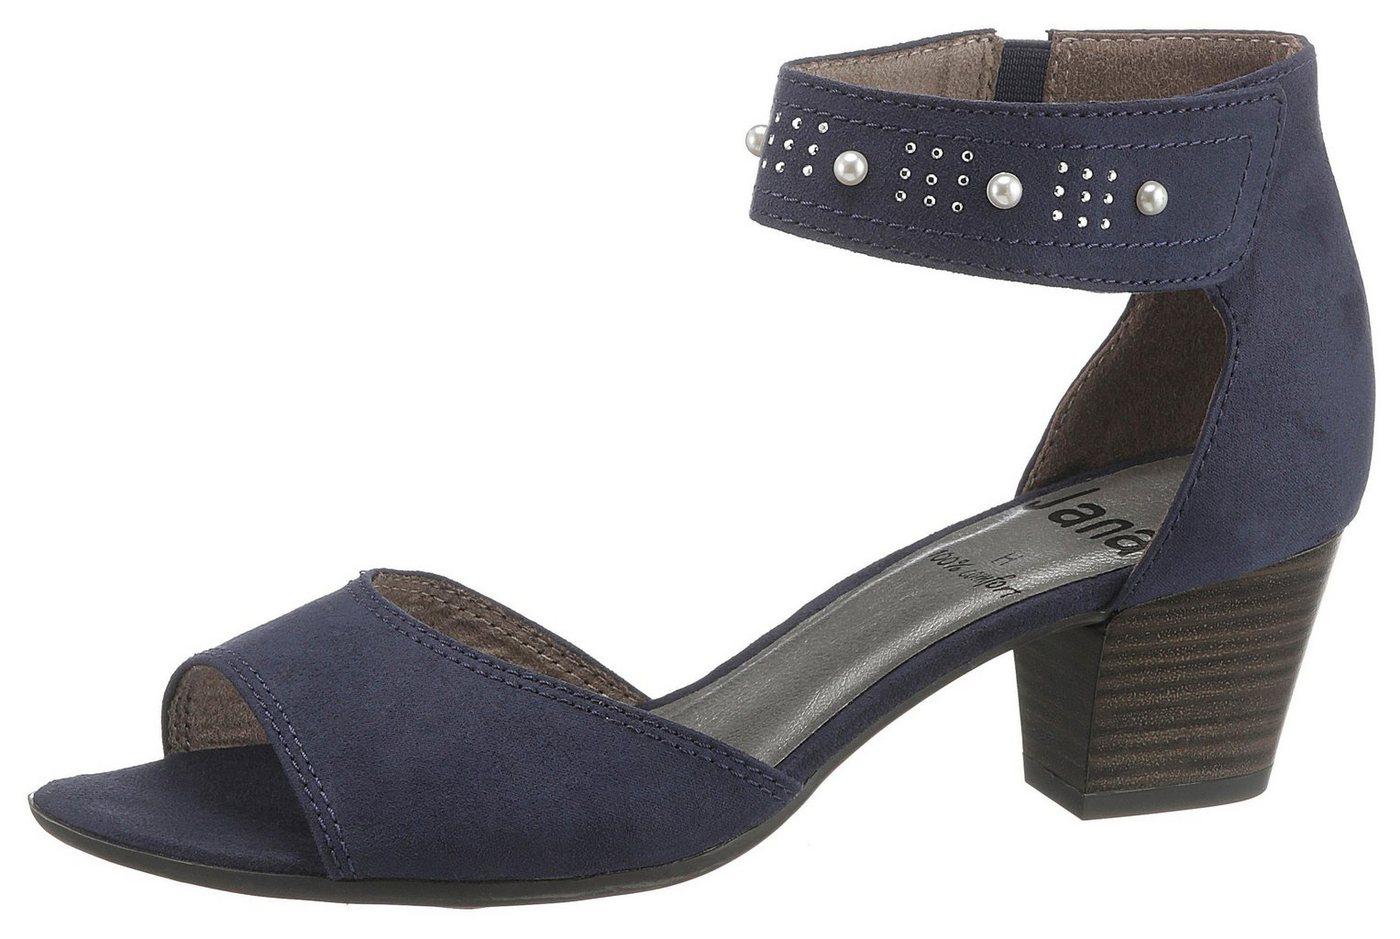 Damen Jana Sandalette mit angesagter Perlenverzierung, in Komfortweite H blau  Damen Sandalen/Sandaletten